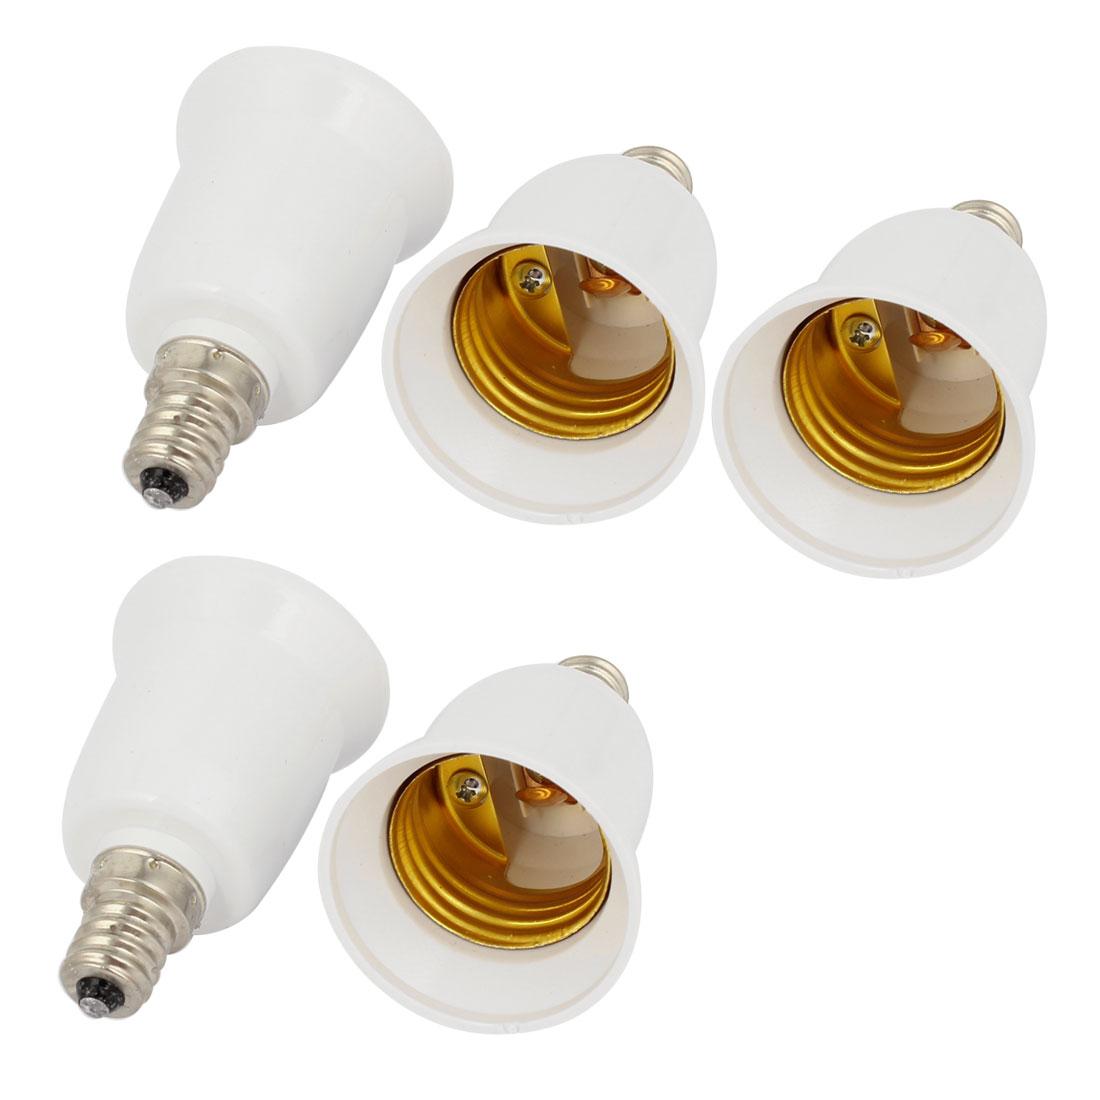 5 Pcs E12 to E27 Light Lamp Bulb Socket Adapter Holder Converter